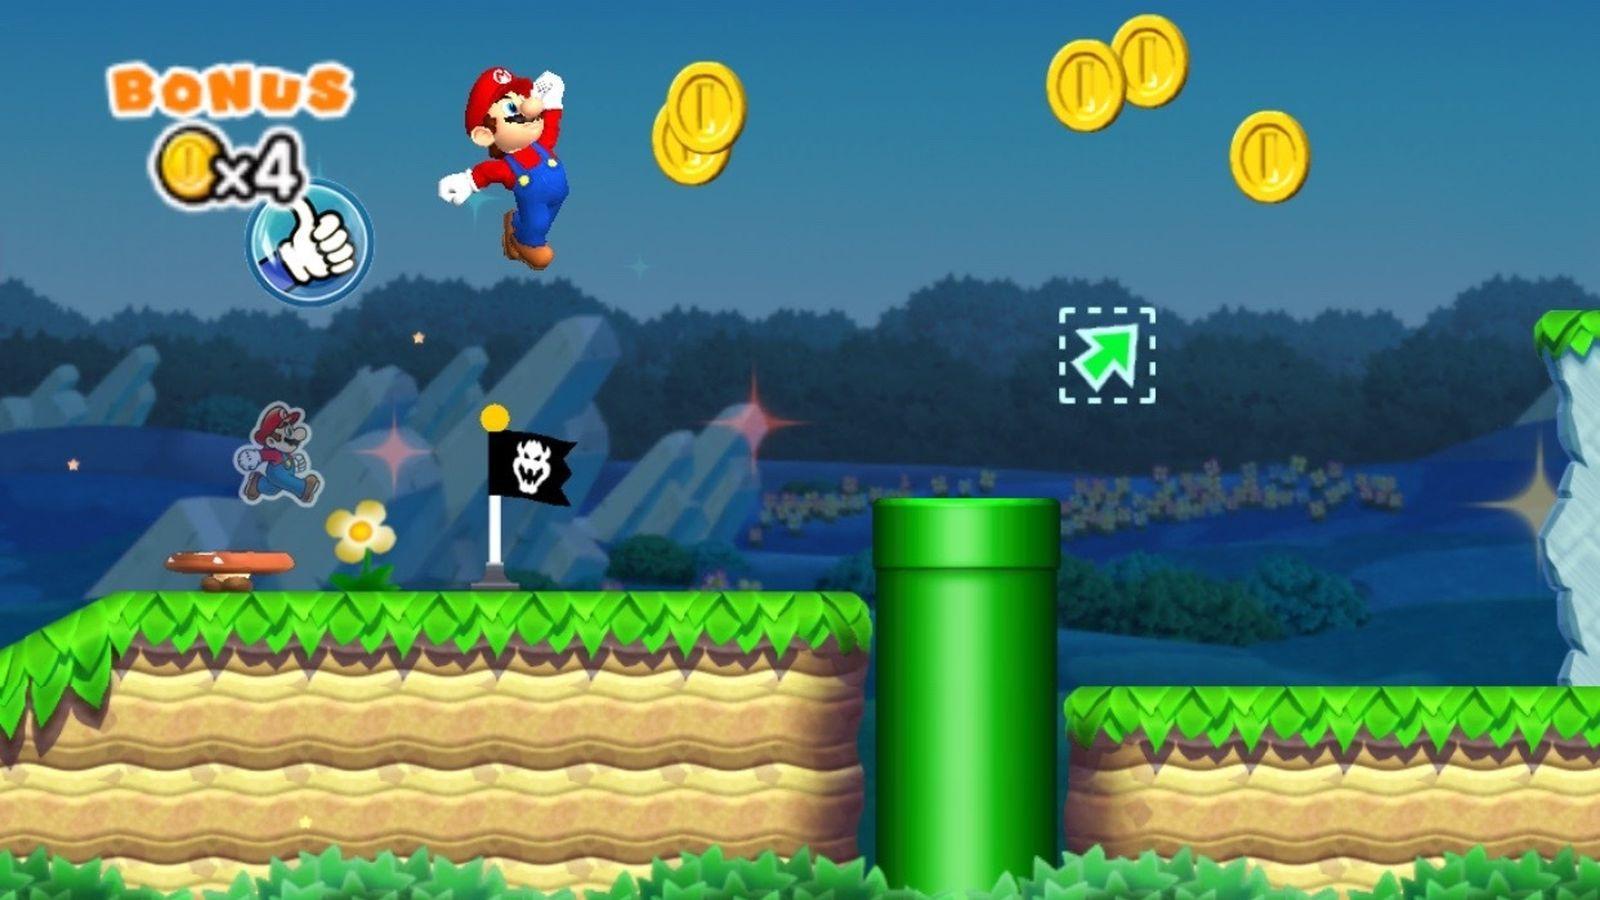 Nintendo todavía tiene mucho que aprender sobre el mercado móvil, dice su presidente